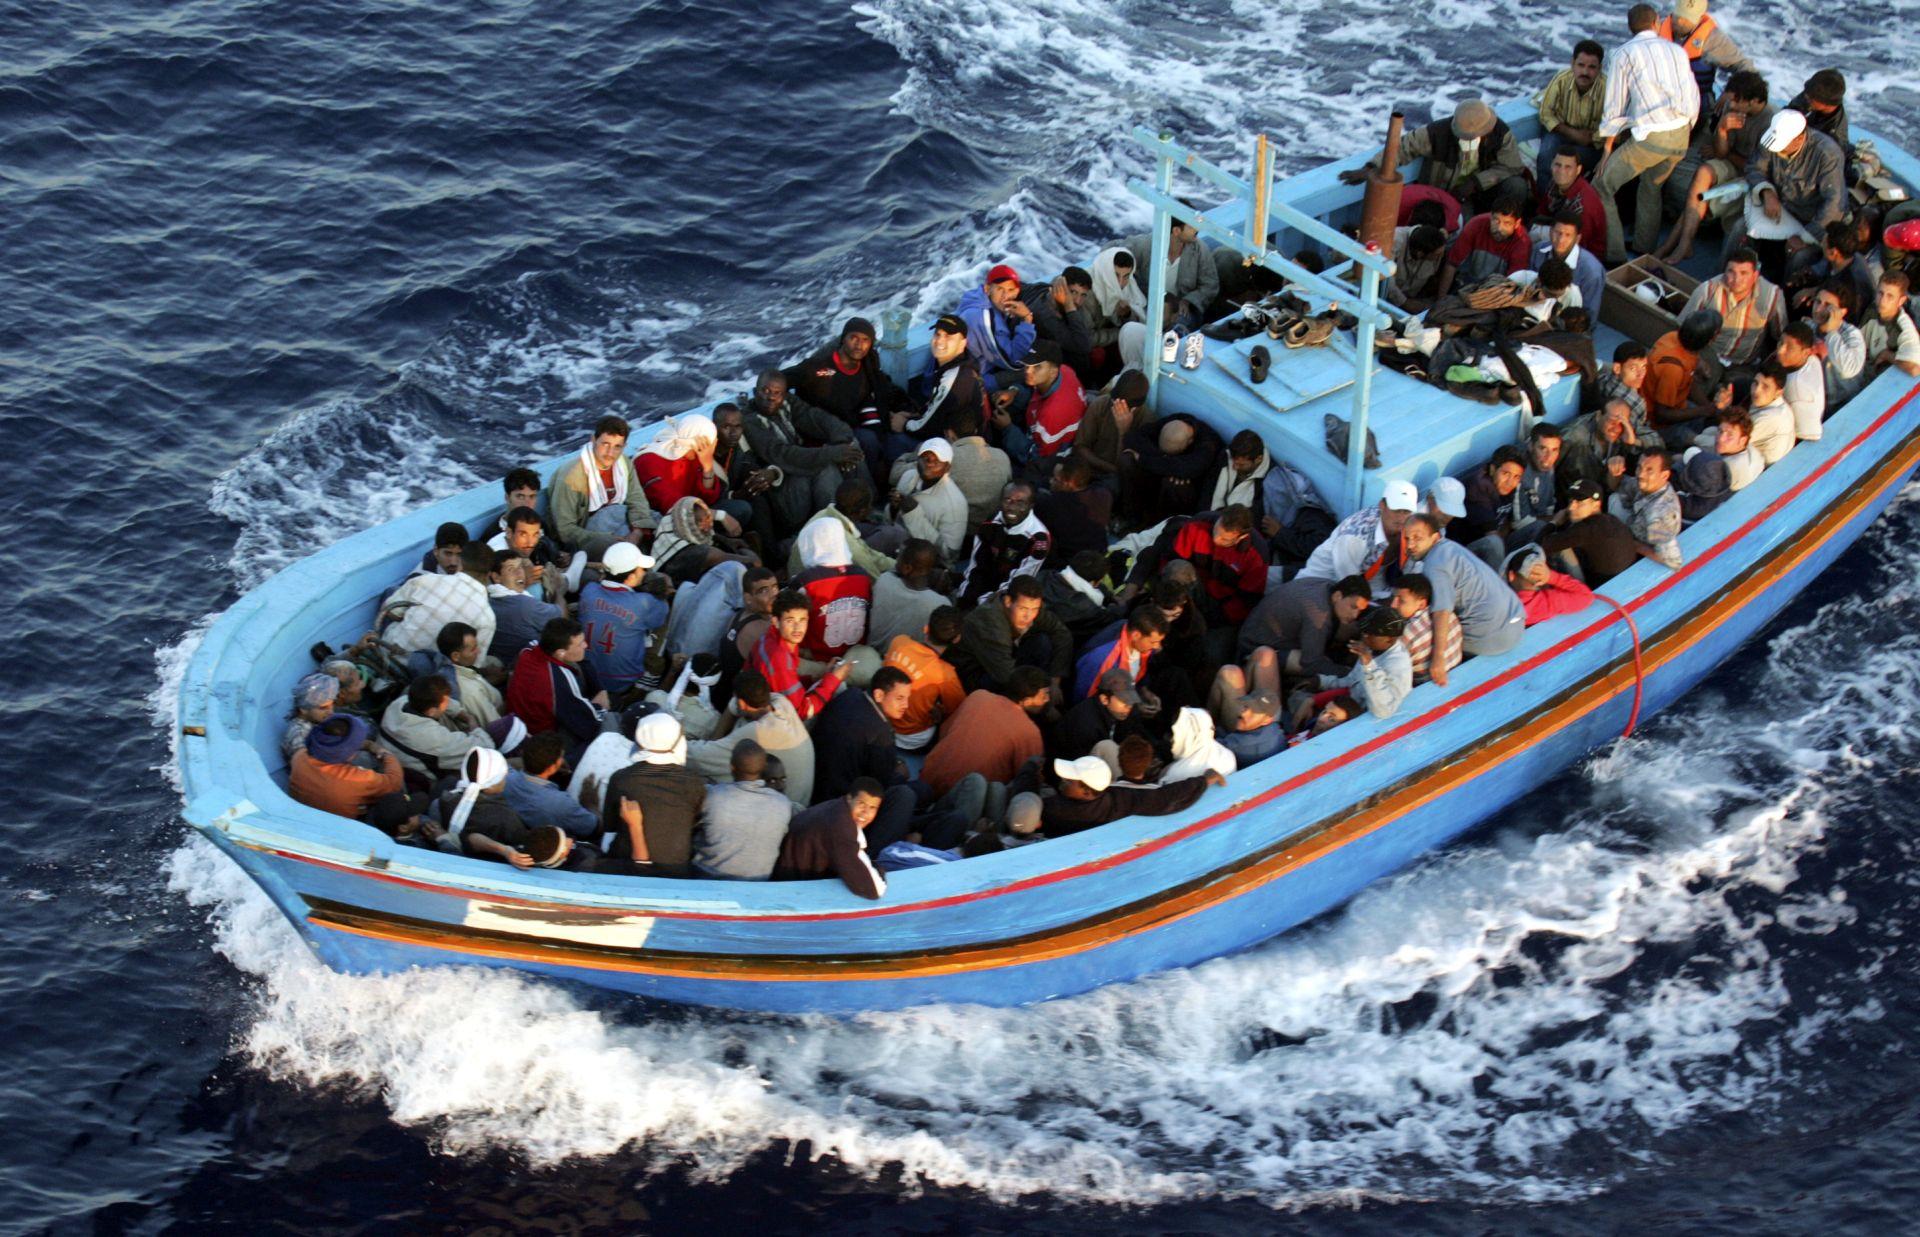 NOVI BRODOLOM: U Egejskom moru poginule 24 osobe među kojima 10 djece